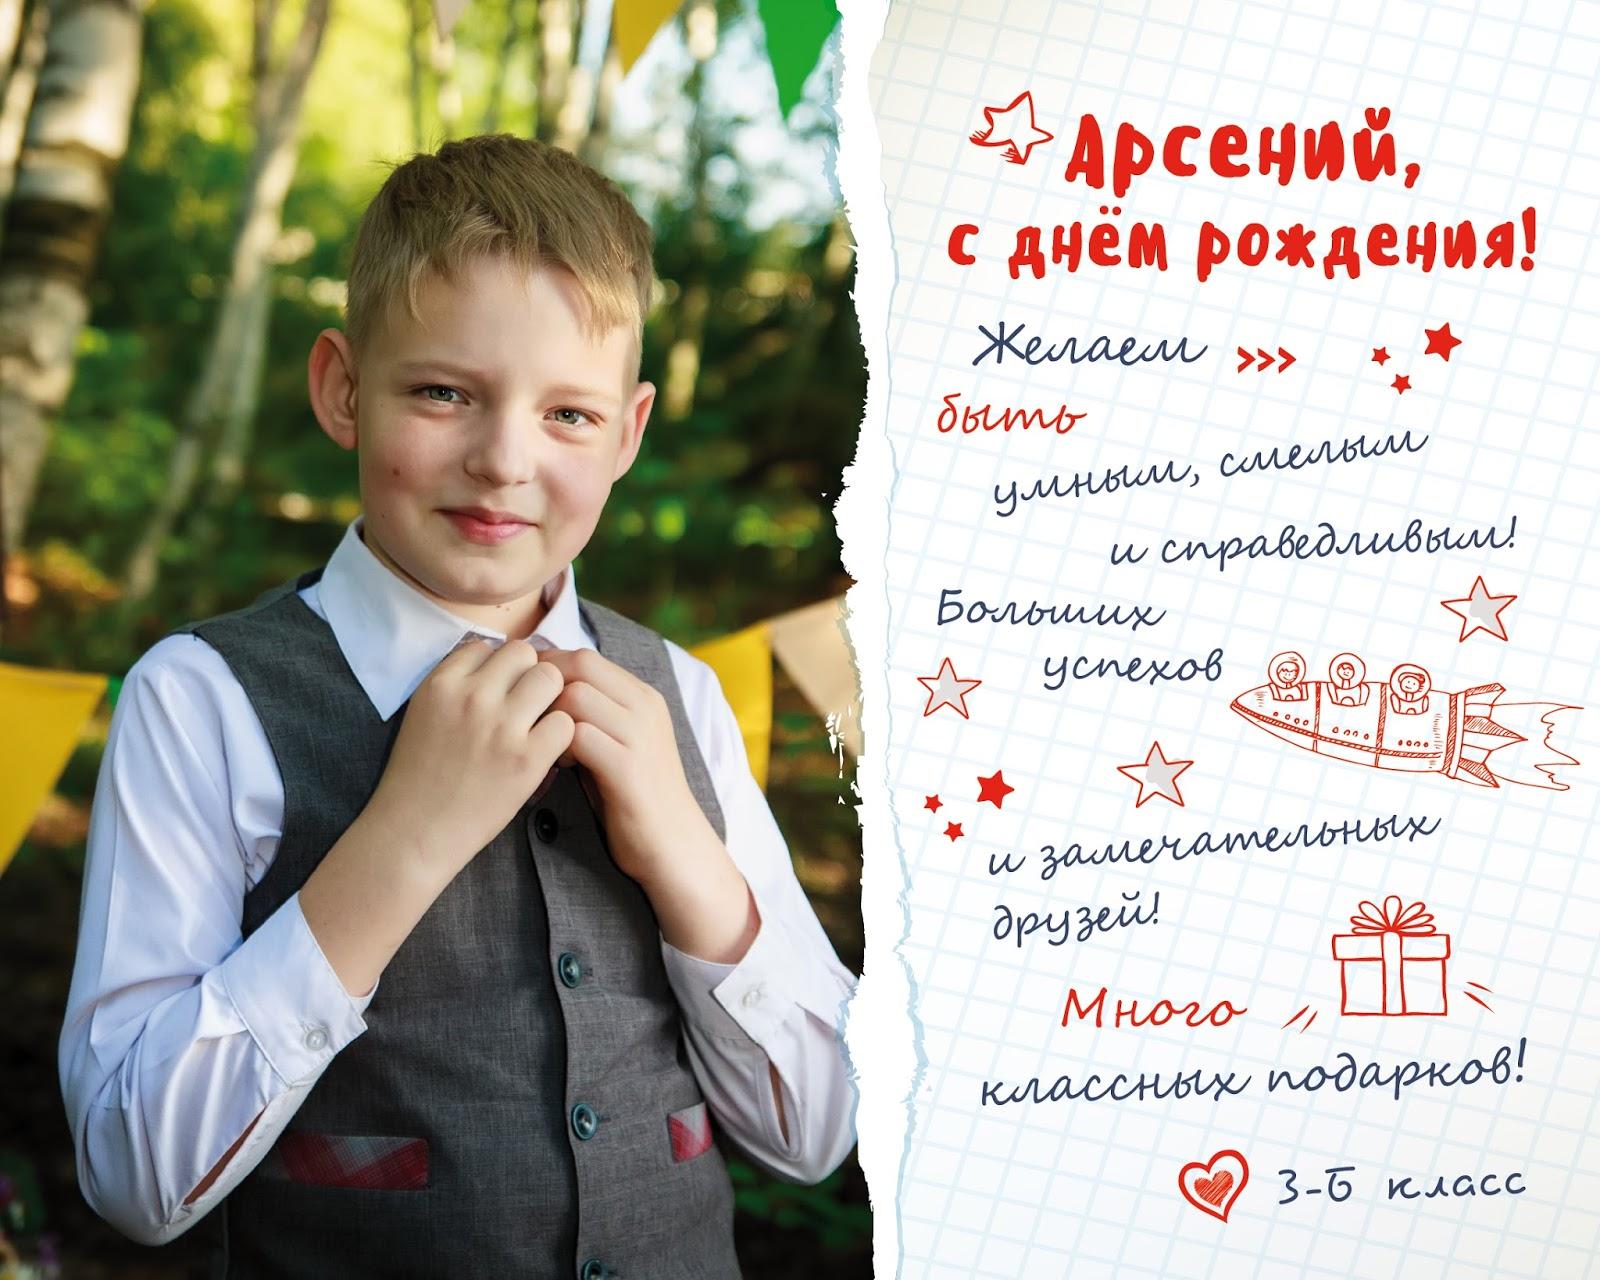 Ночи, открытка с днем рождения арсений